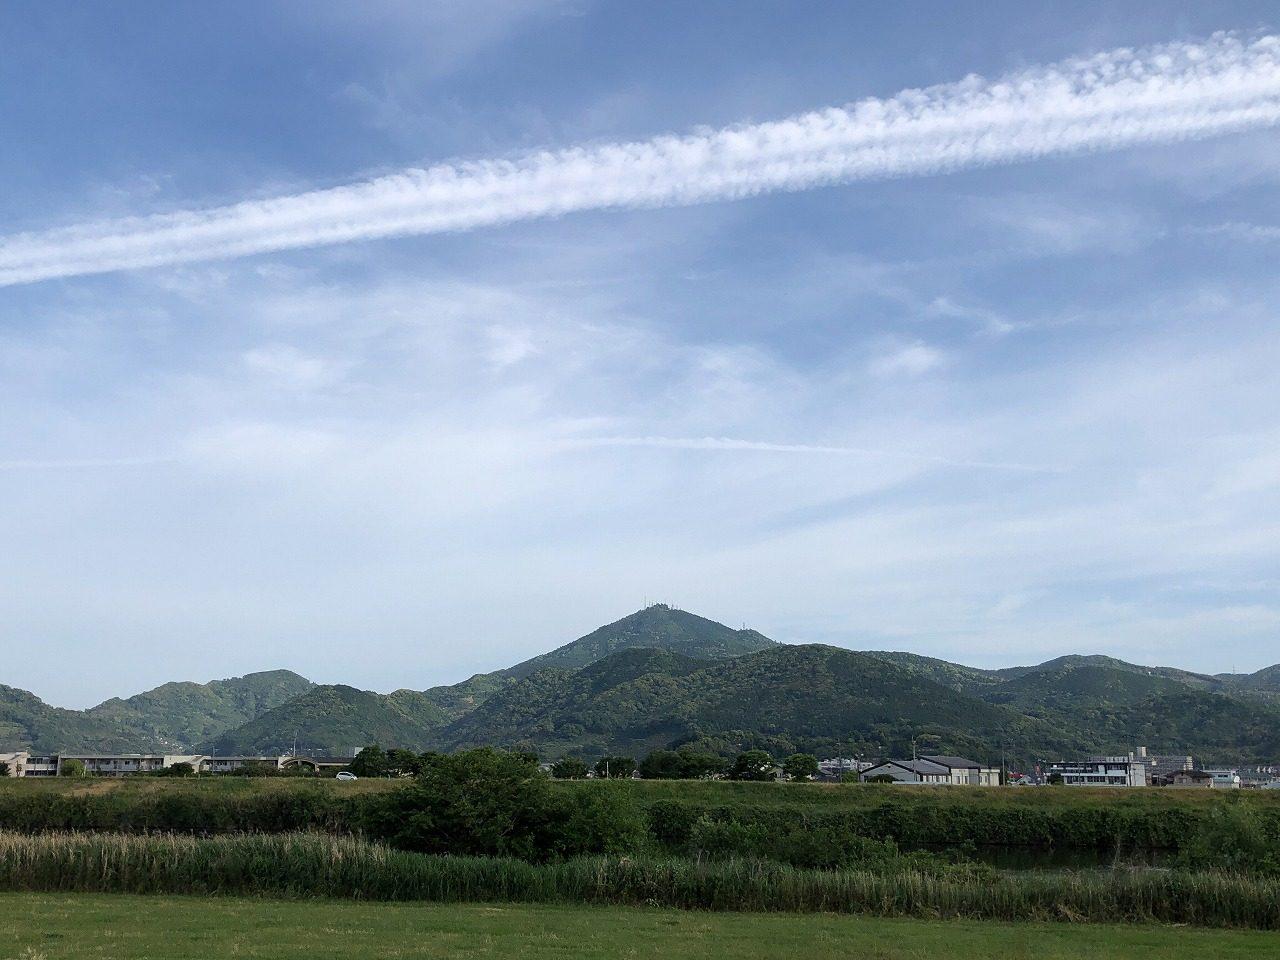 2019.5.17今朝の金峰山です。